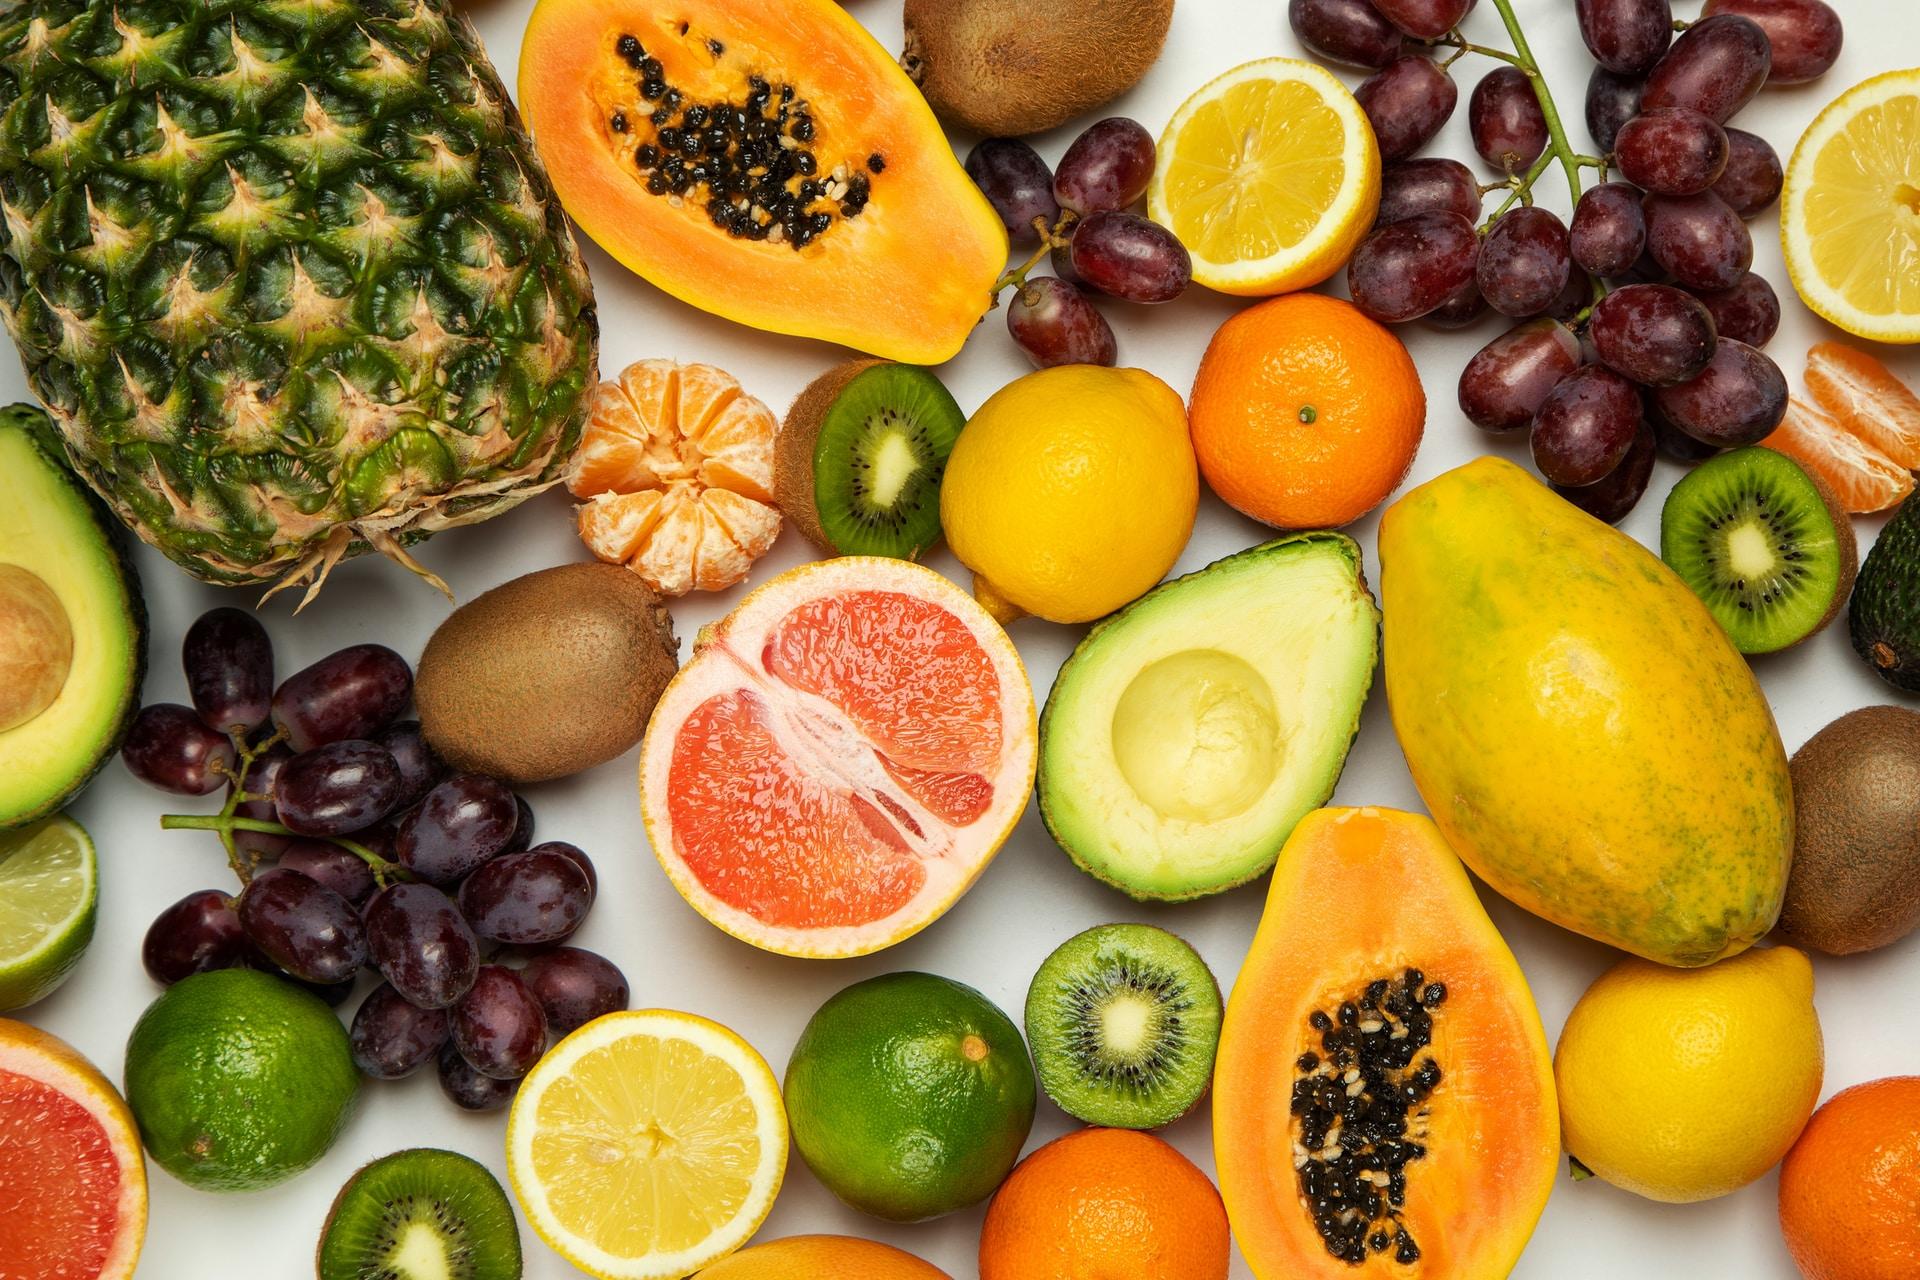 διατροφή με φρούτα και λαχανικά